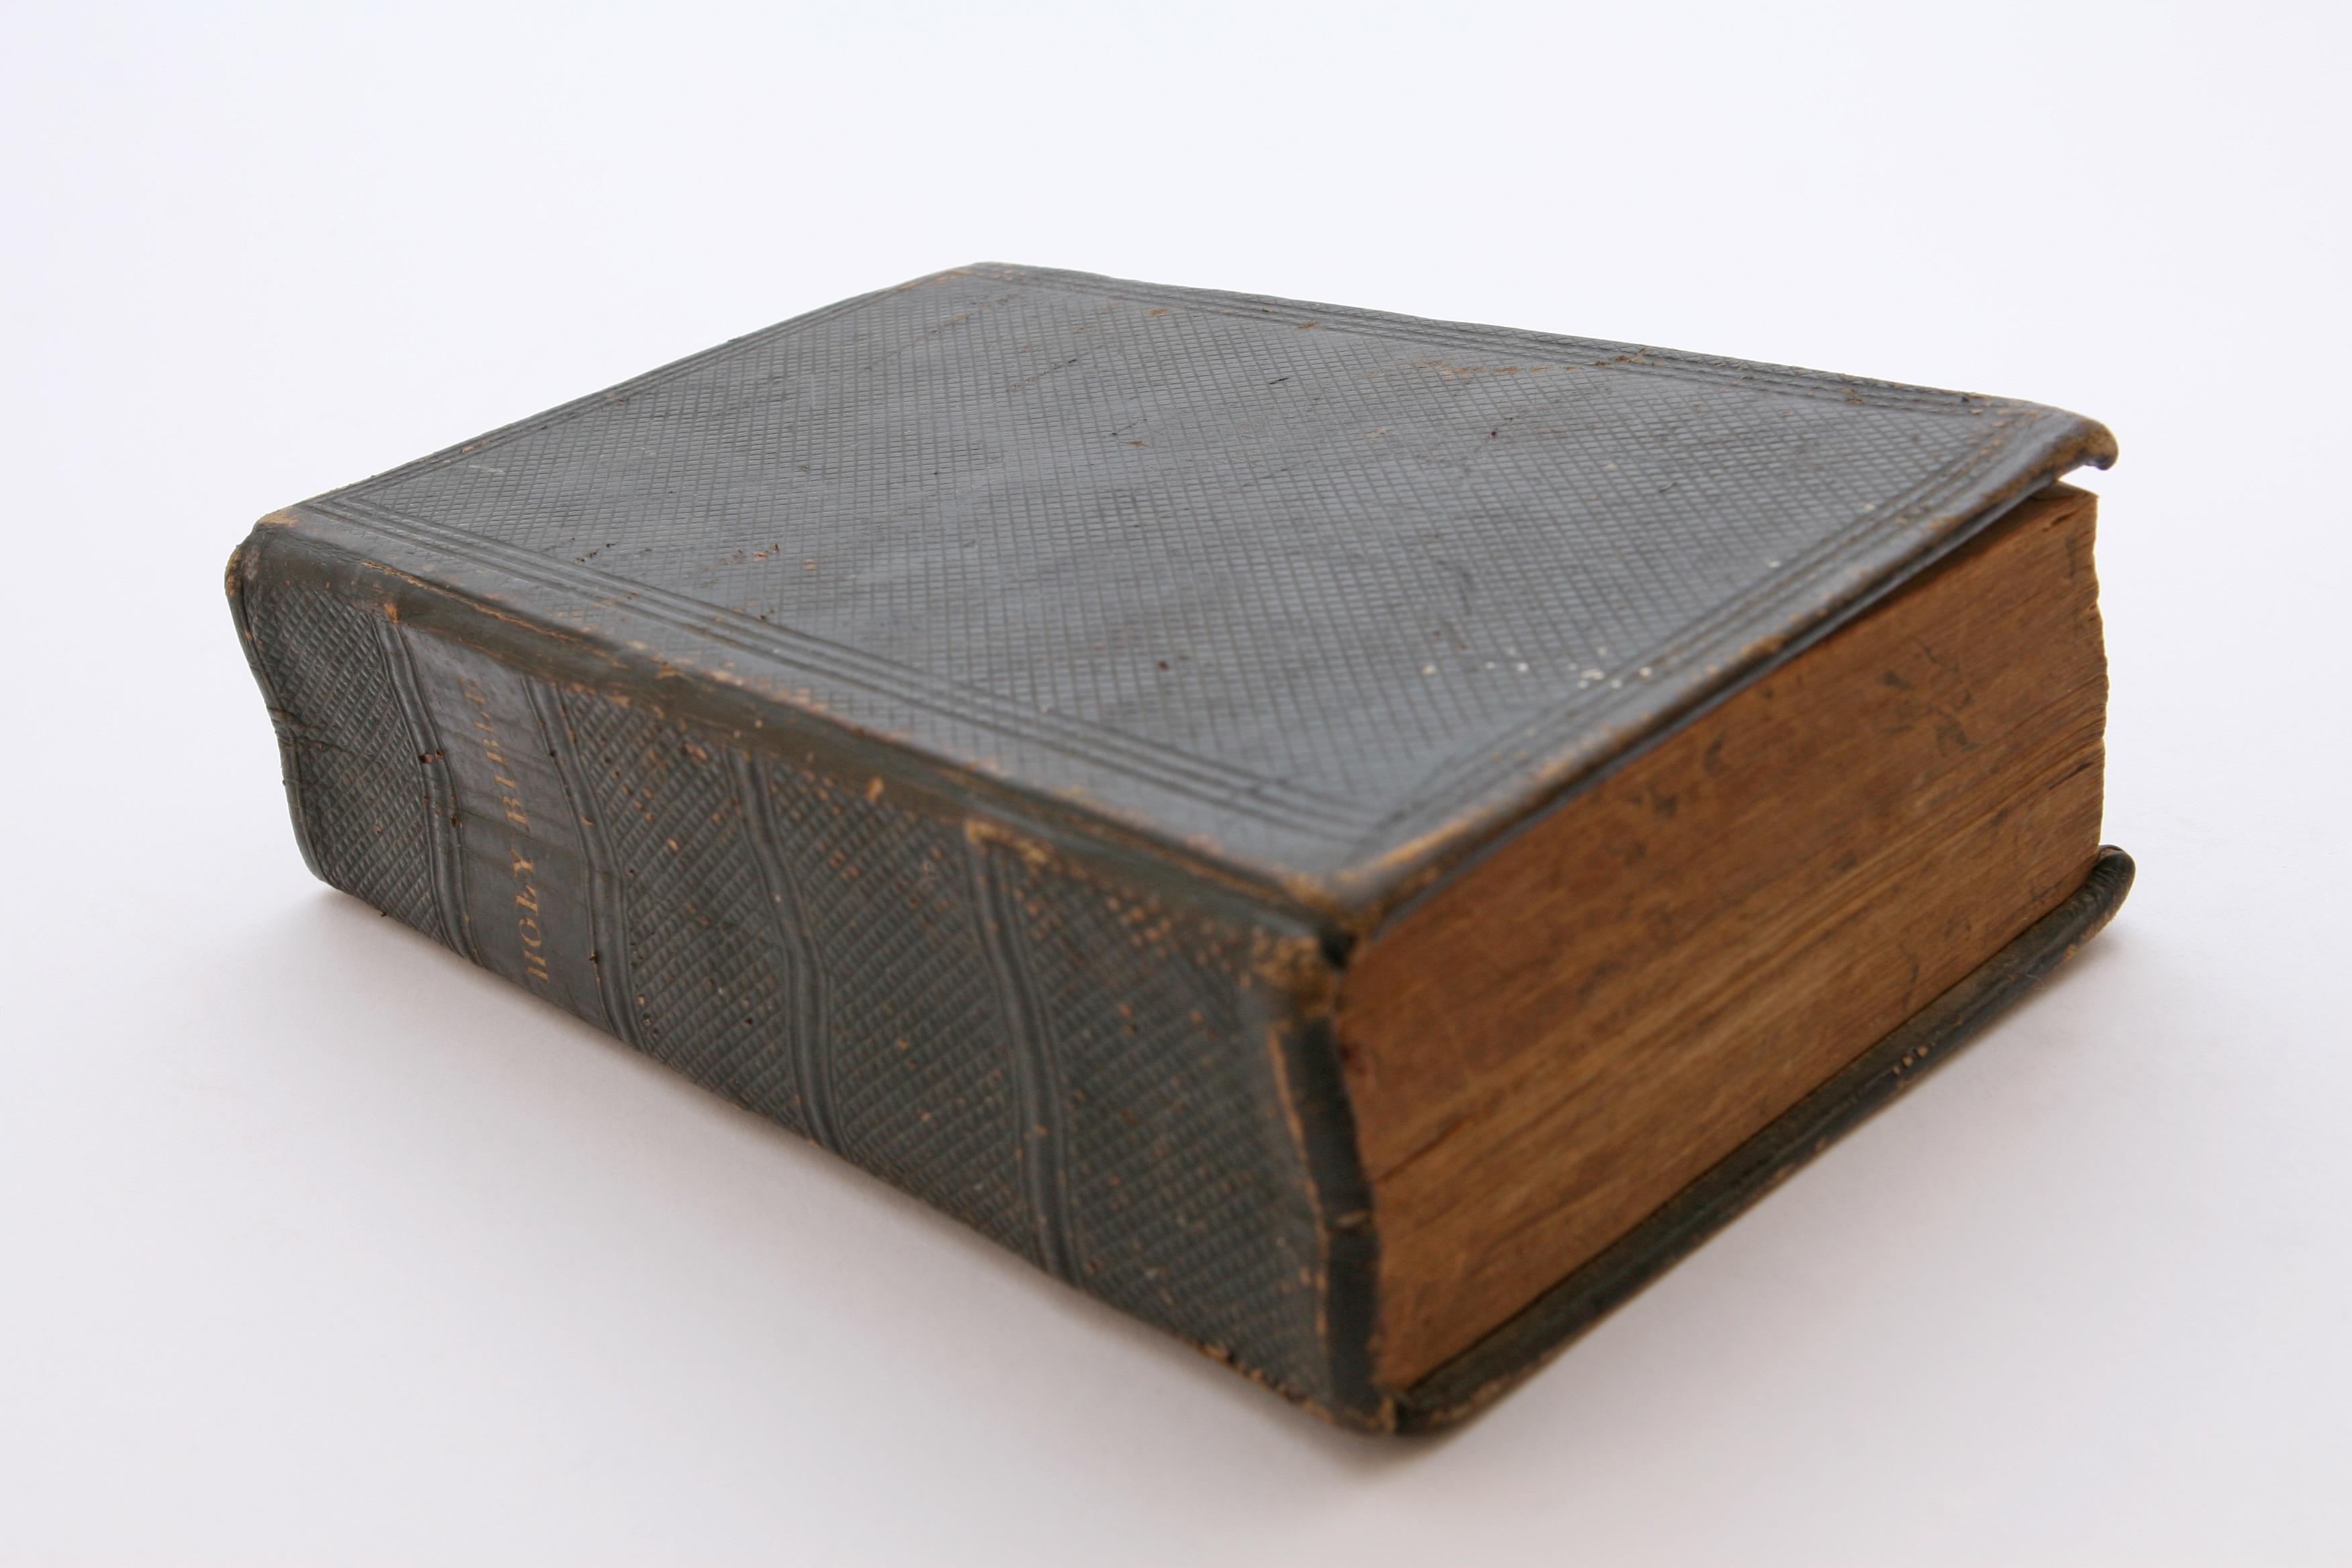 Fotos Gratis Mesa Libro Ligero Madera Antiguo Cielo  # Muebles Bautista